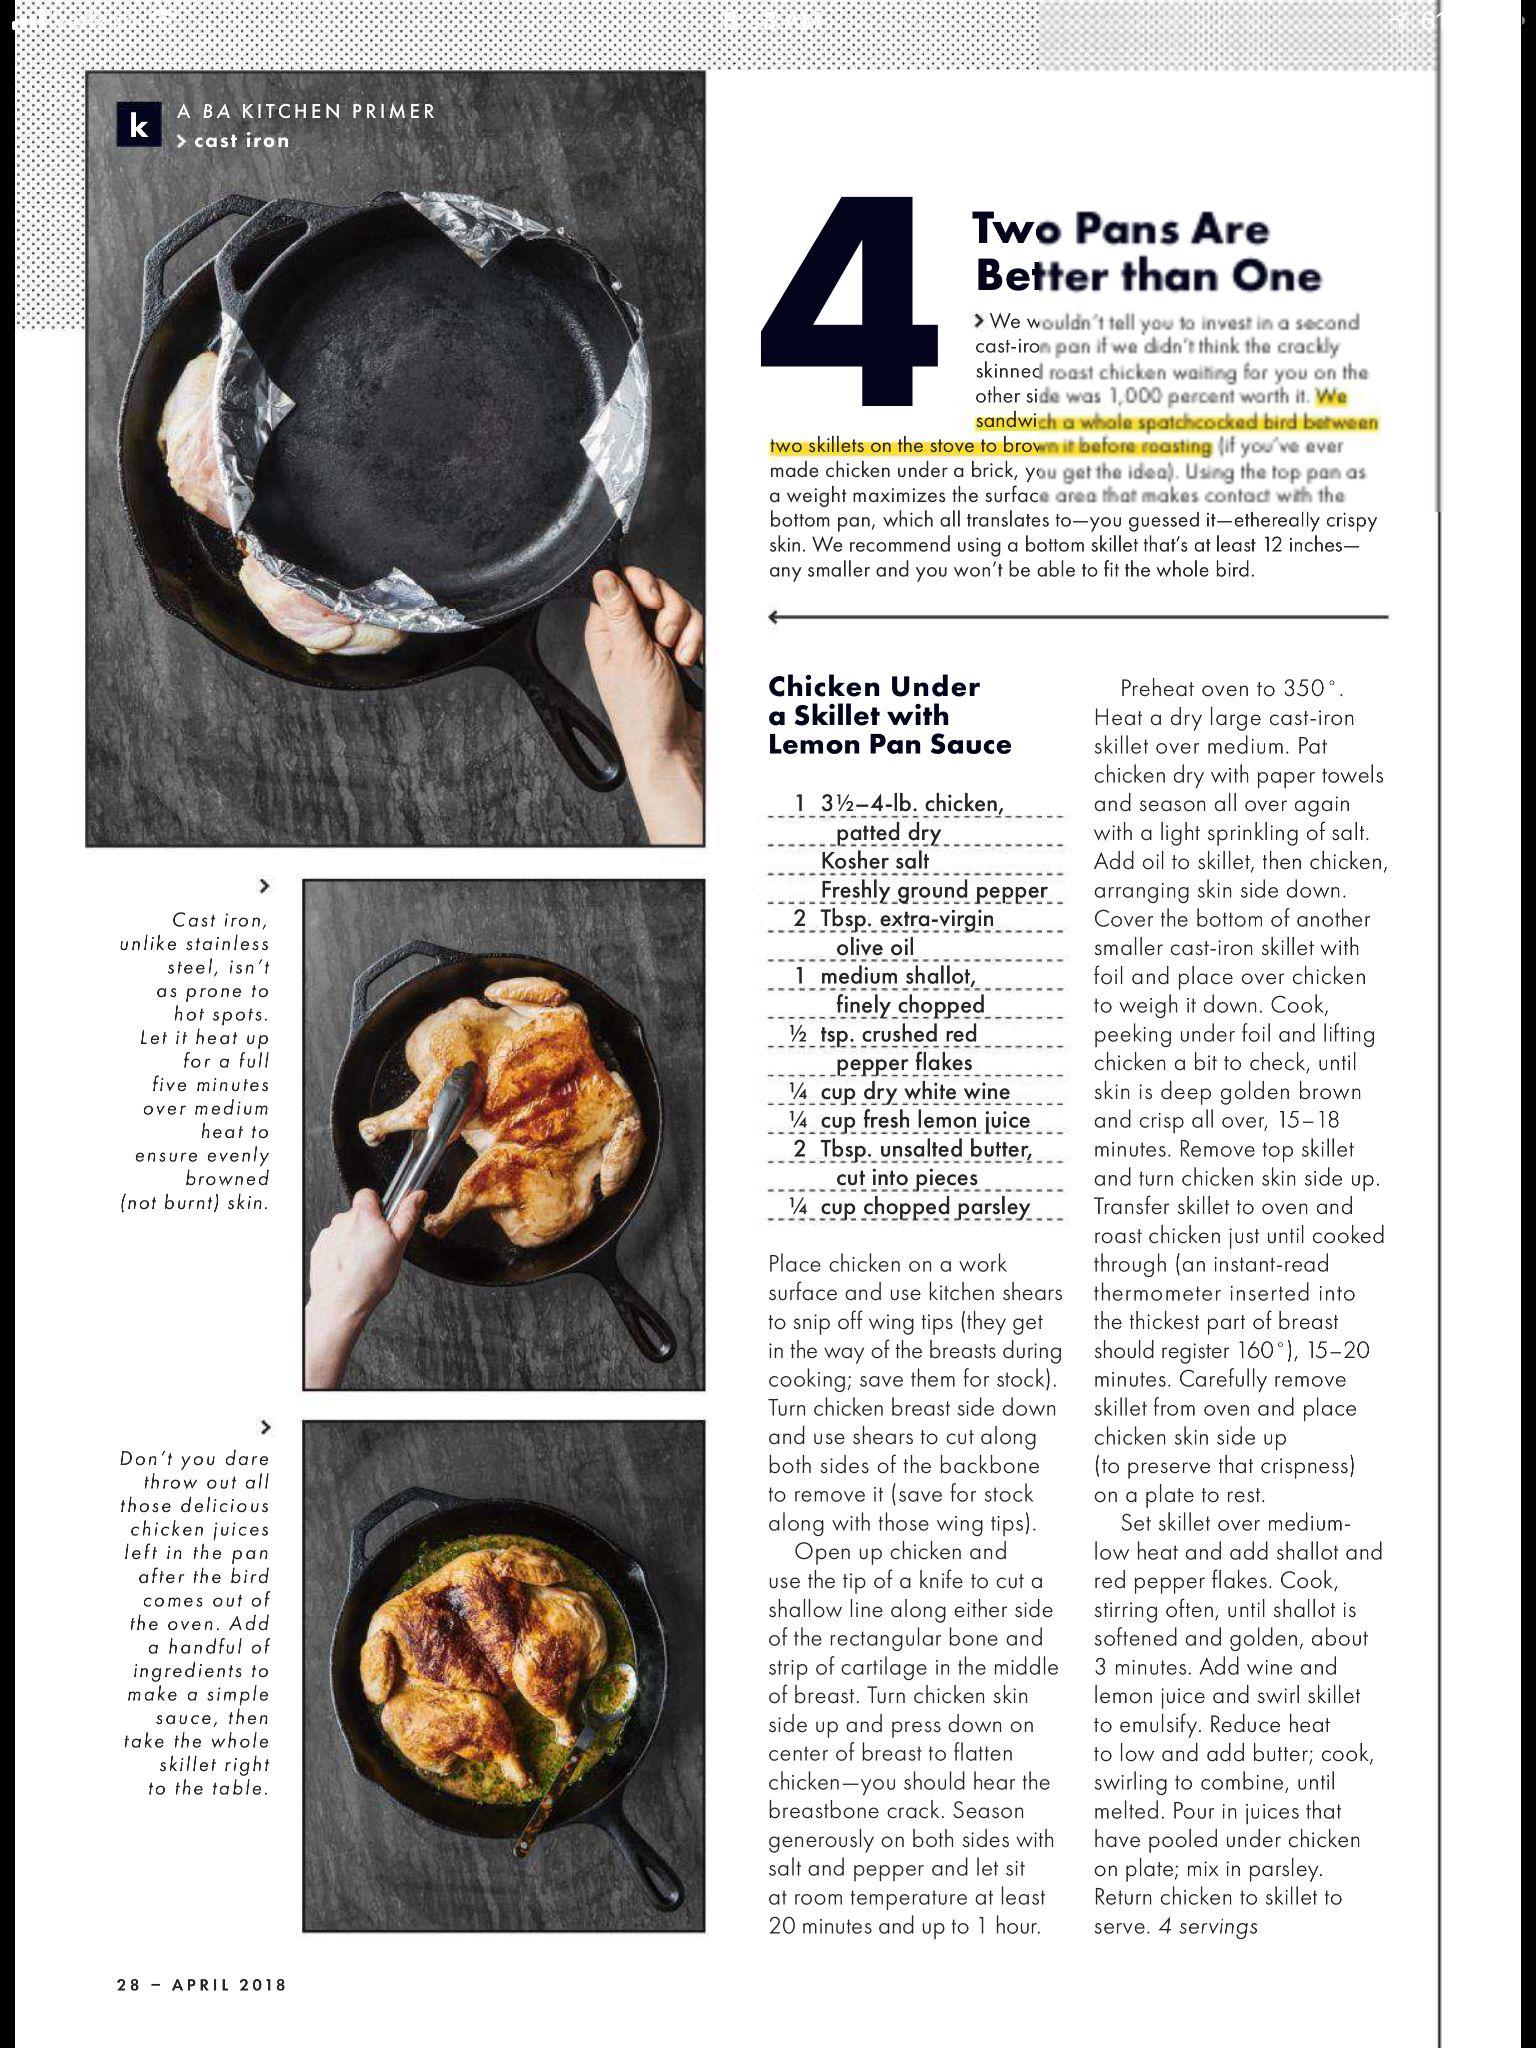 Grillen Met Een Gietijzeren Pan Bon Appetit Grillen Is Niet Zo Eenvoudig Draai Een Steak O Cast Iron Recipes Cast Iron Pan Bon Appetit